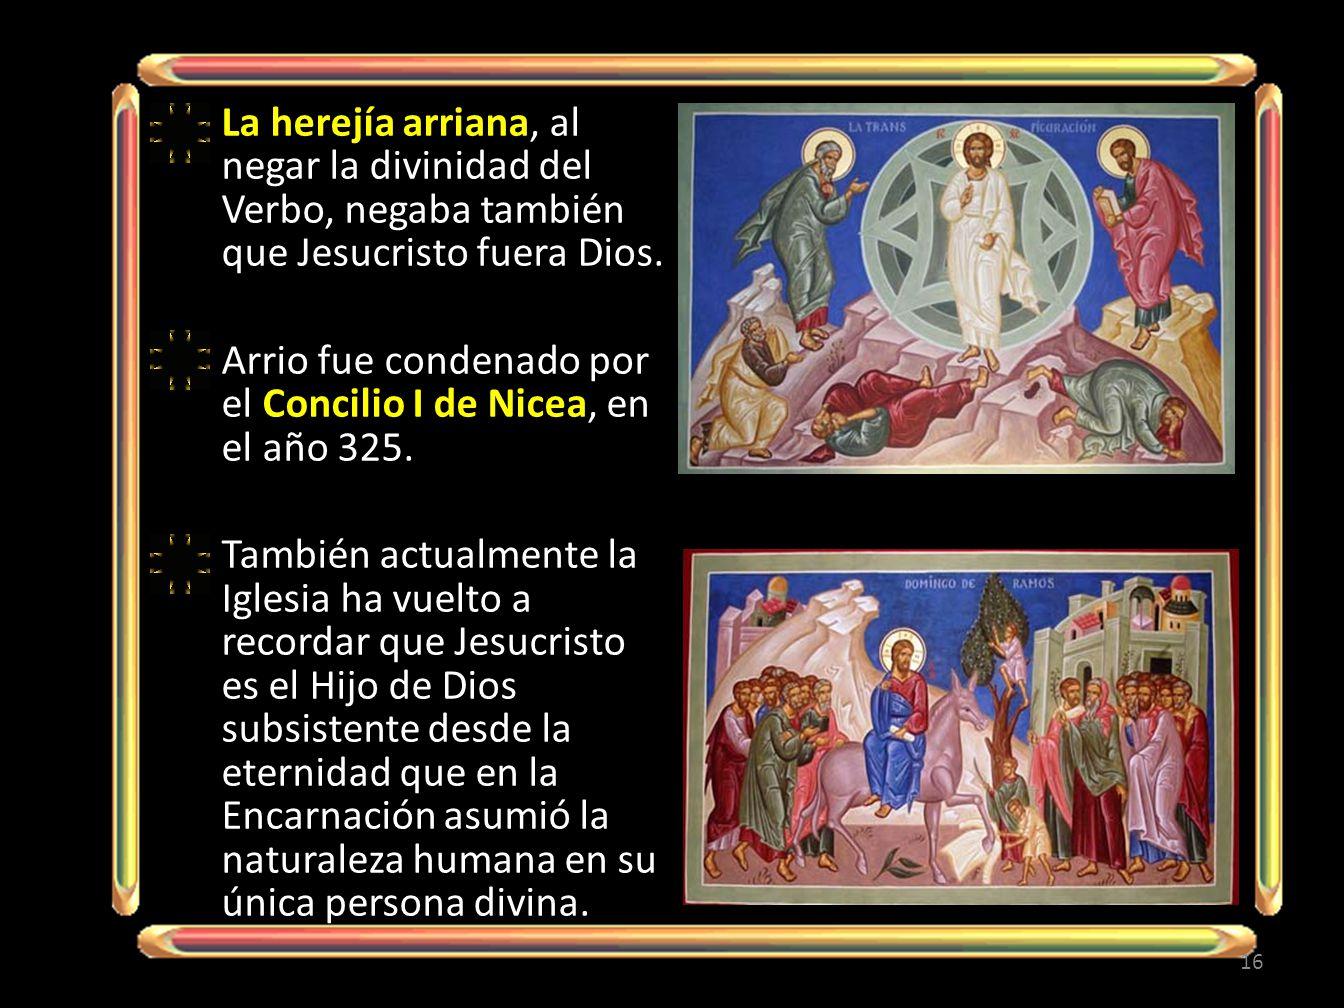 La herejía arriana, al negar la divinidad del Verbo, negaba también que Jesucristo fuera Dios.